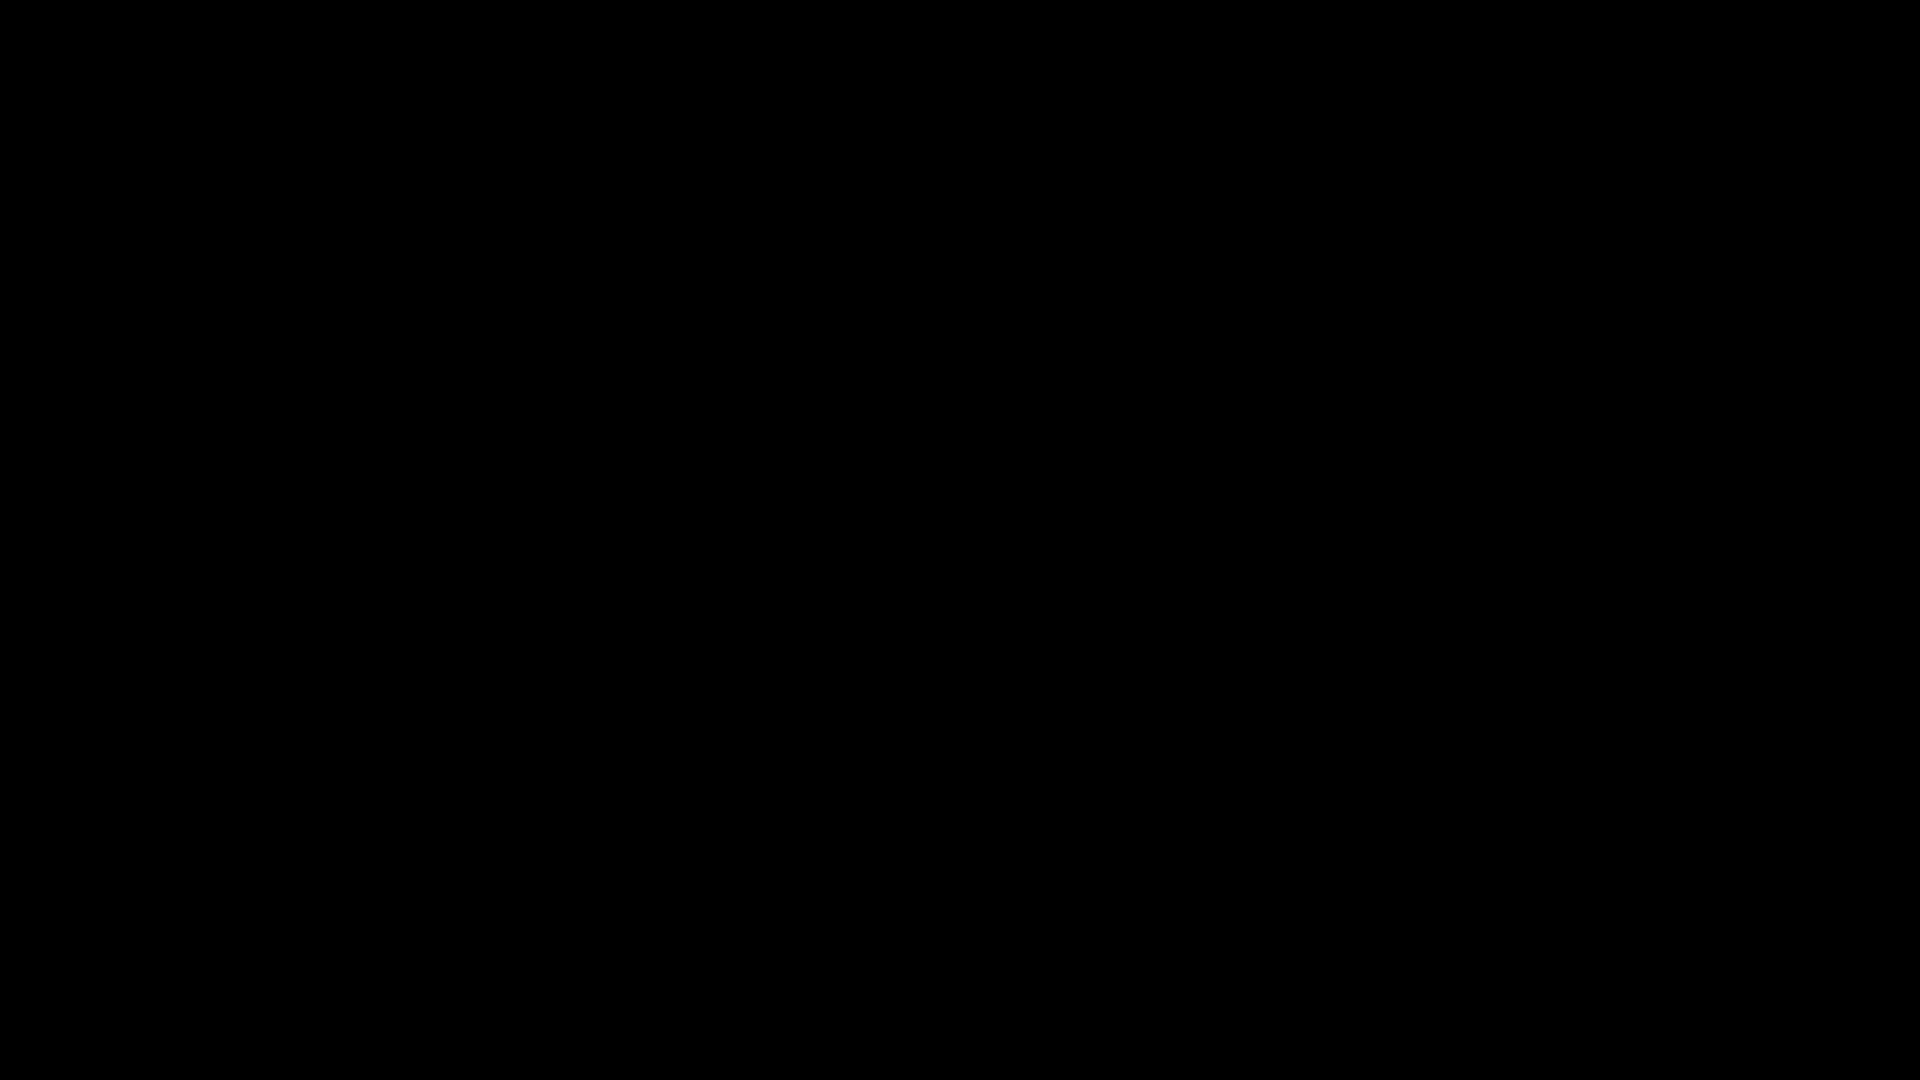 Inge_Basiselement